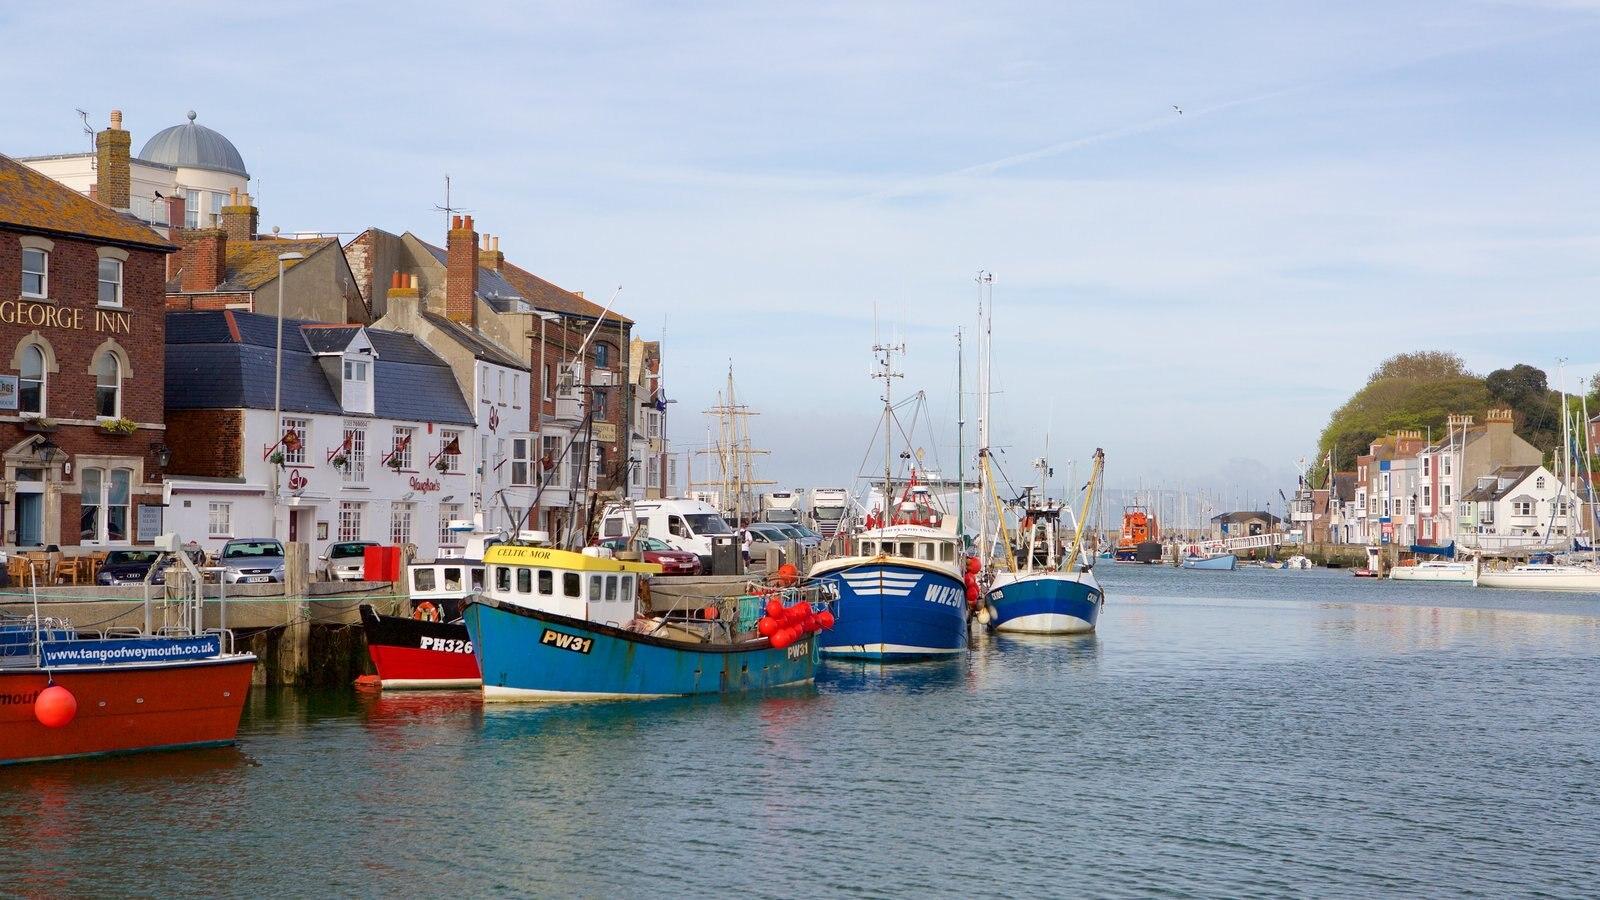 Weymouth que inclui uma cidade litorânea, arquitetura de patrimônio e um rio ou córrego